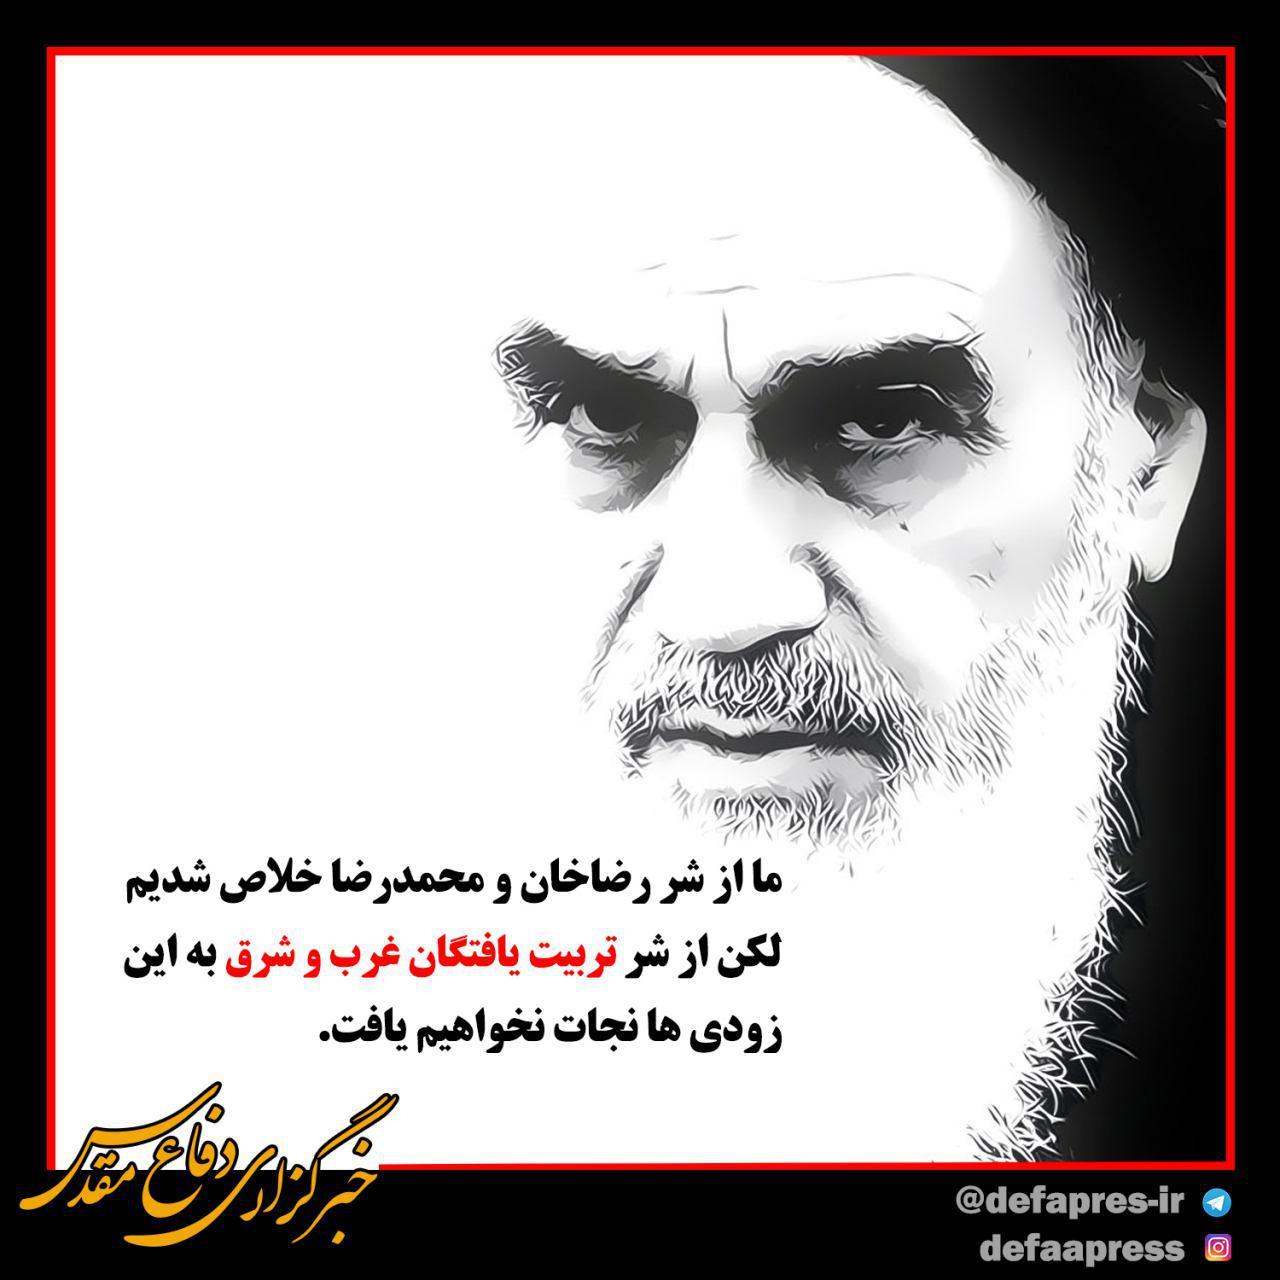 فوتوتیتر/ سخن امام خمینی (ره) درباره عدم وابستگی به شرق و غرب